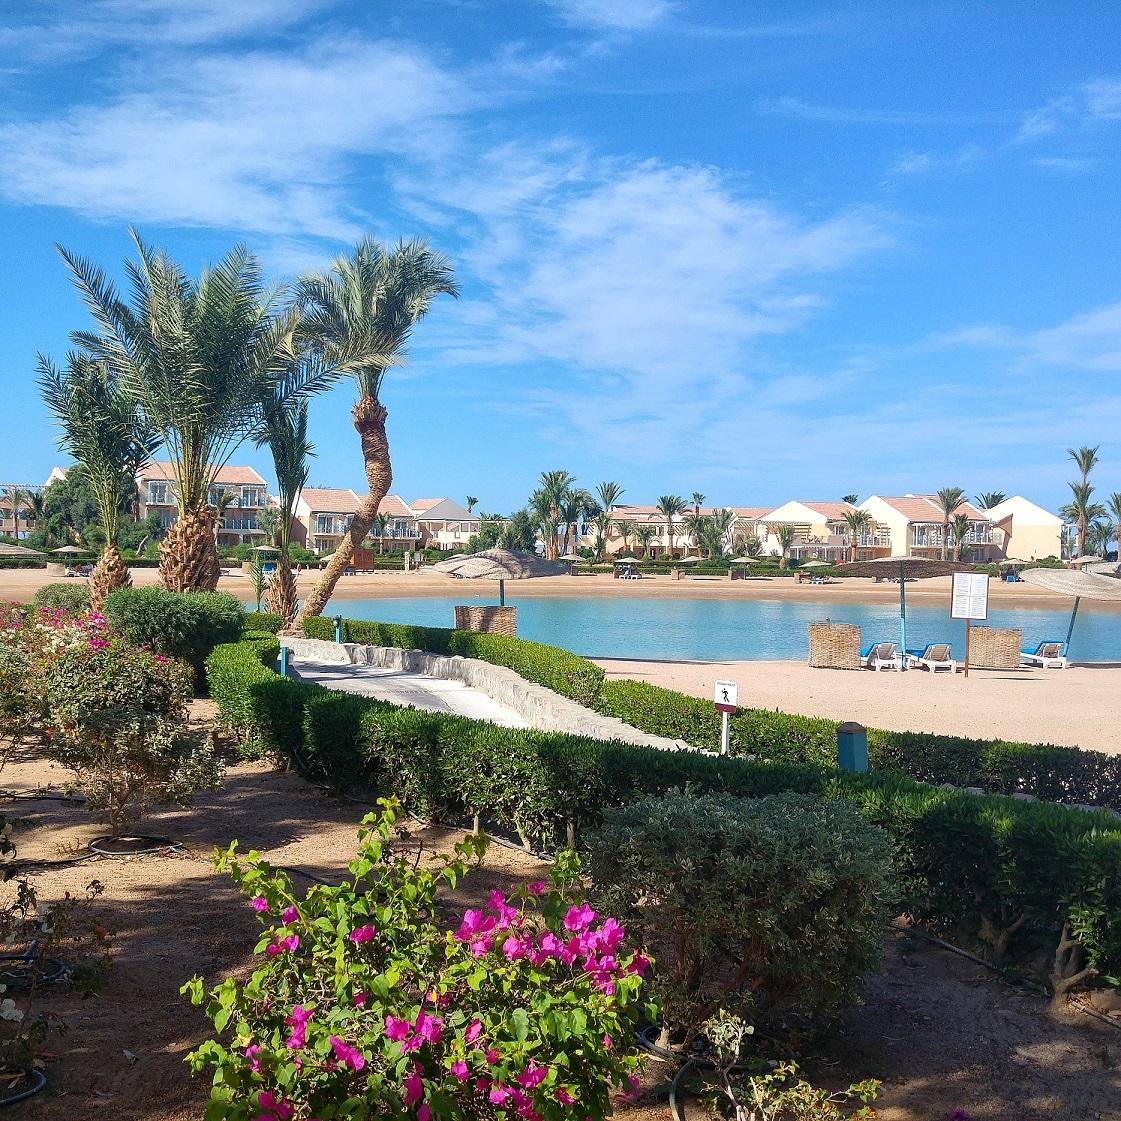 2017, ägypten, blogger, delphine, el gouna, hurghada, kitesurfen, korallenriff, lagunenstadt, mövenpick resort & spa, oase in der wüste, reisebericht, reiseblogger, rotes meer, schnorcheln, tauchen, travel, urlaub,